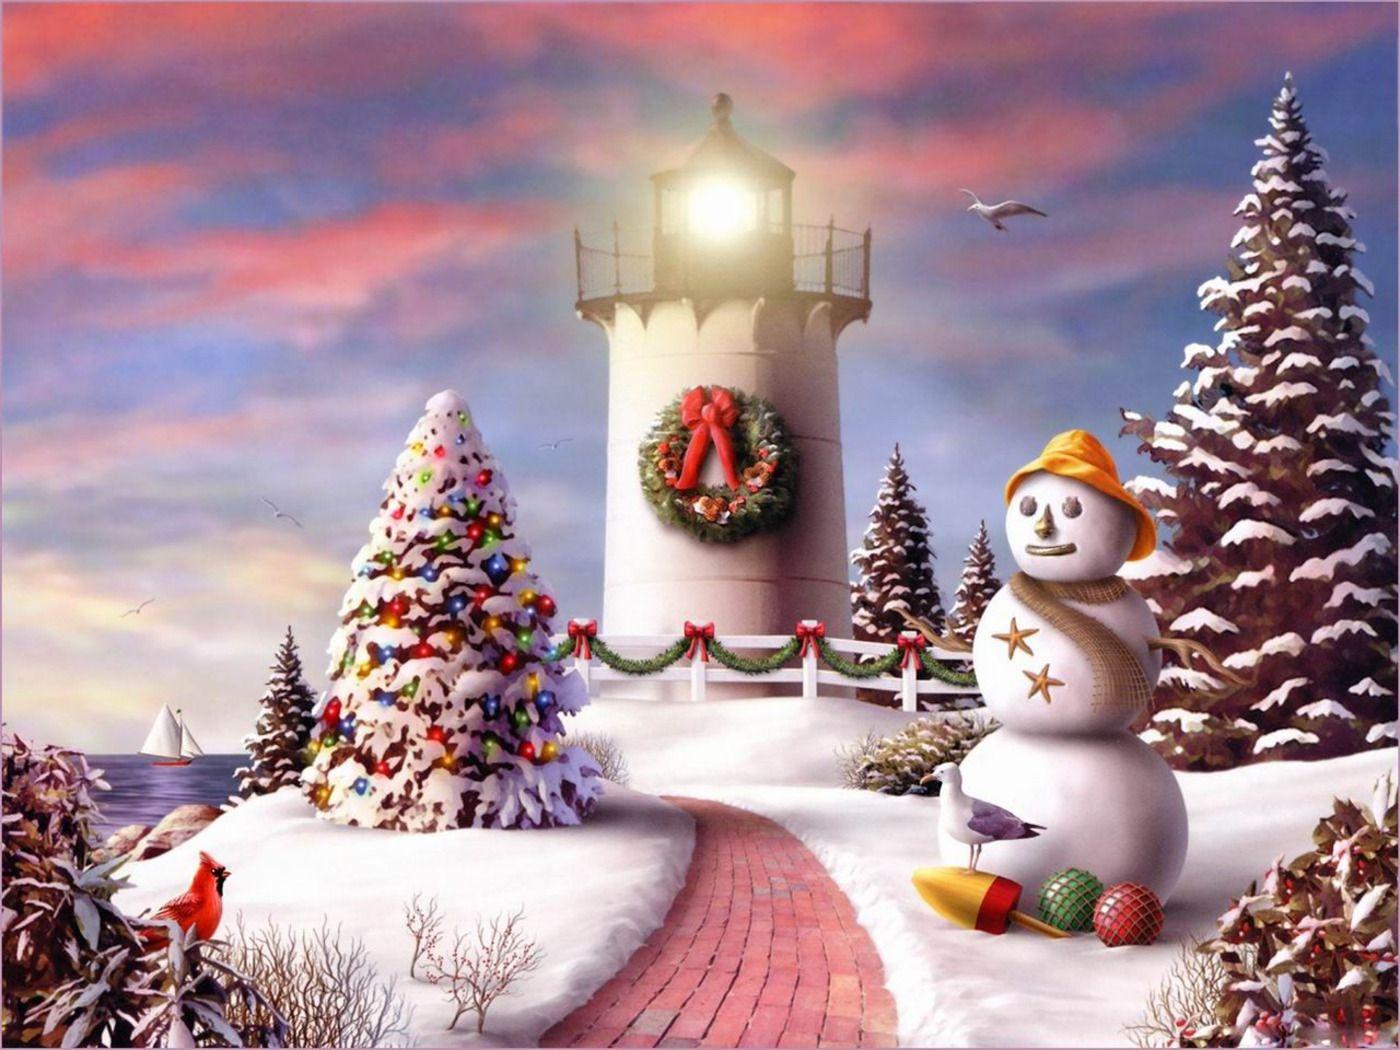 Christmas Free Wallpapers Christmas Desktop Christmas Desktop Wallpaper Christmas Wallpaper Free